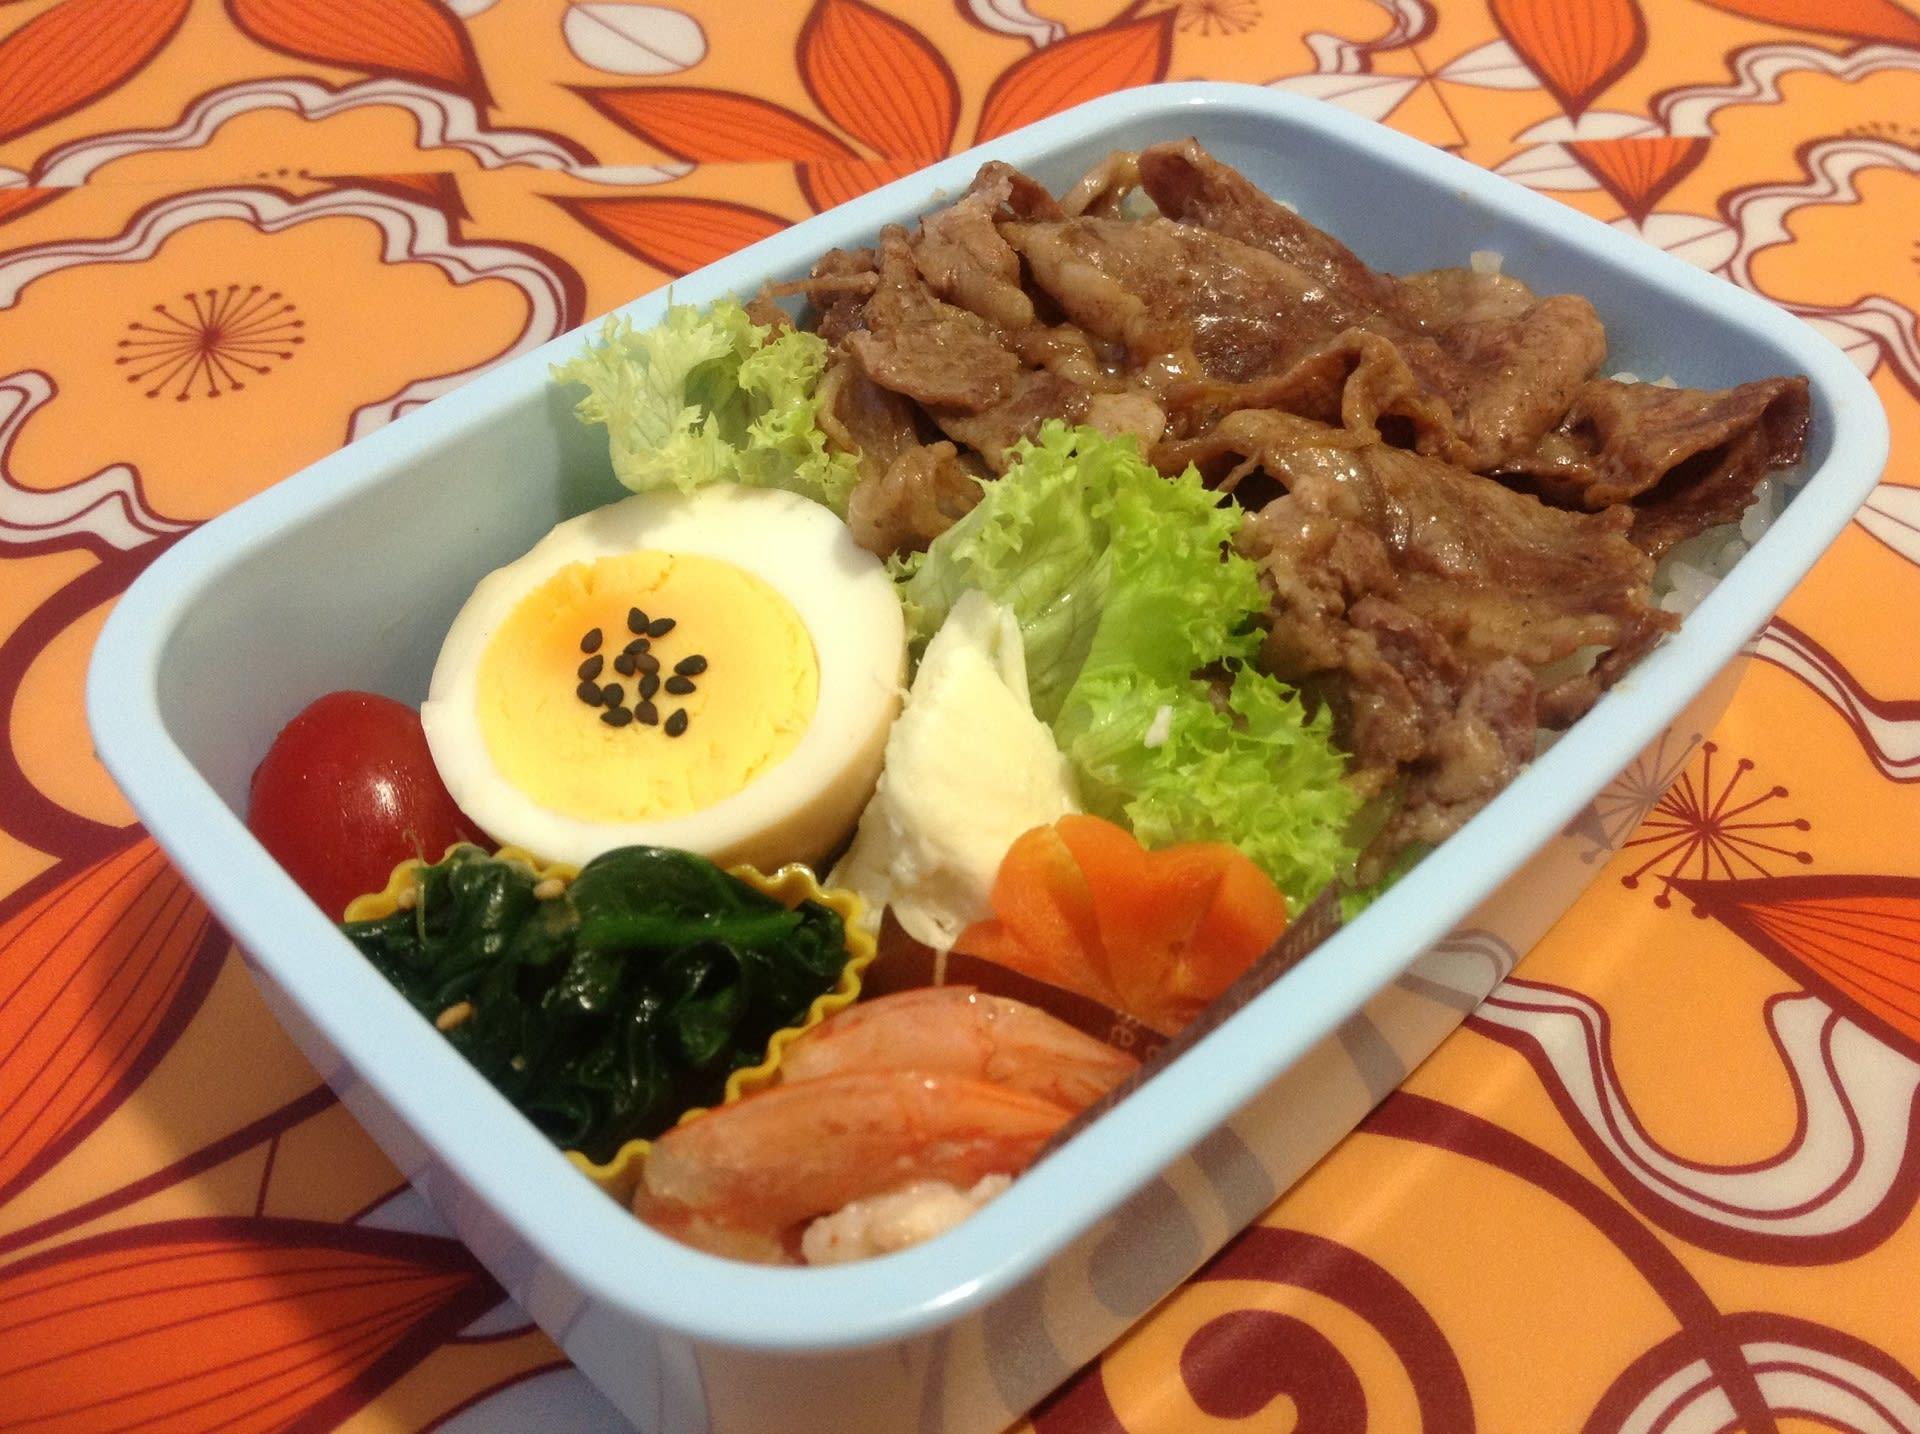 本日のお弁当\u2026焼肉丼弁当